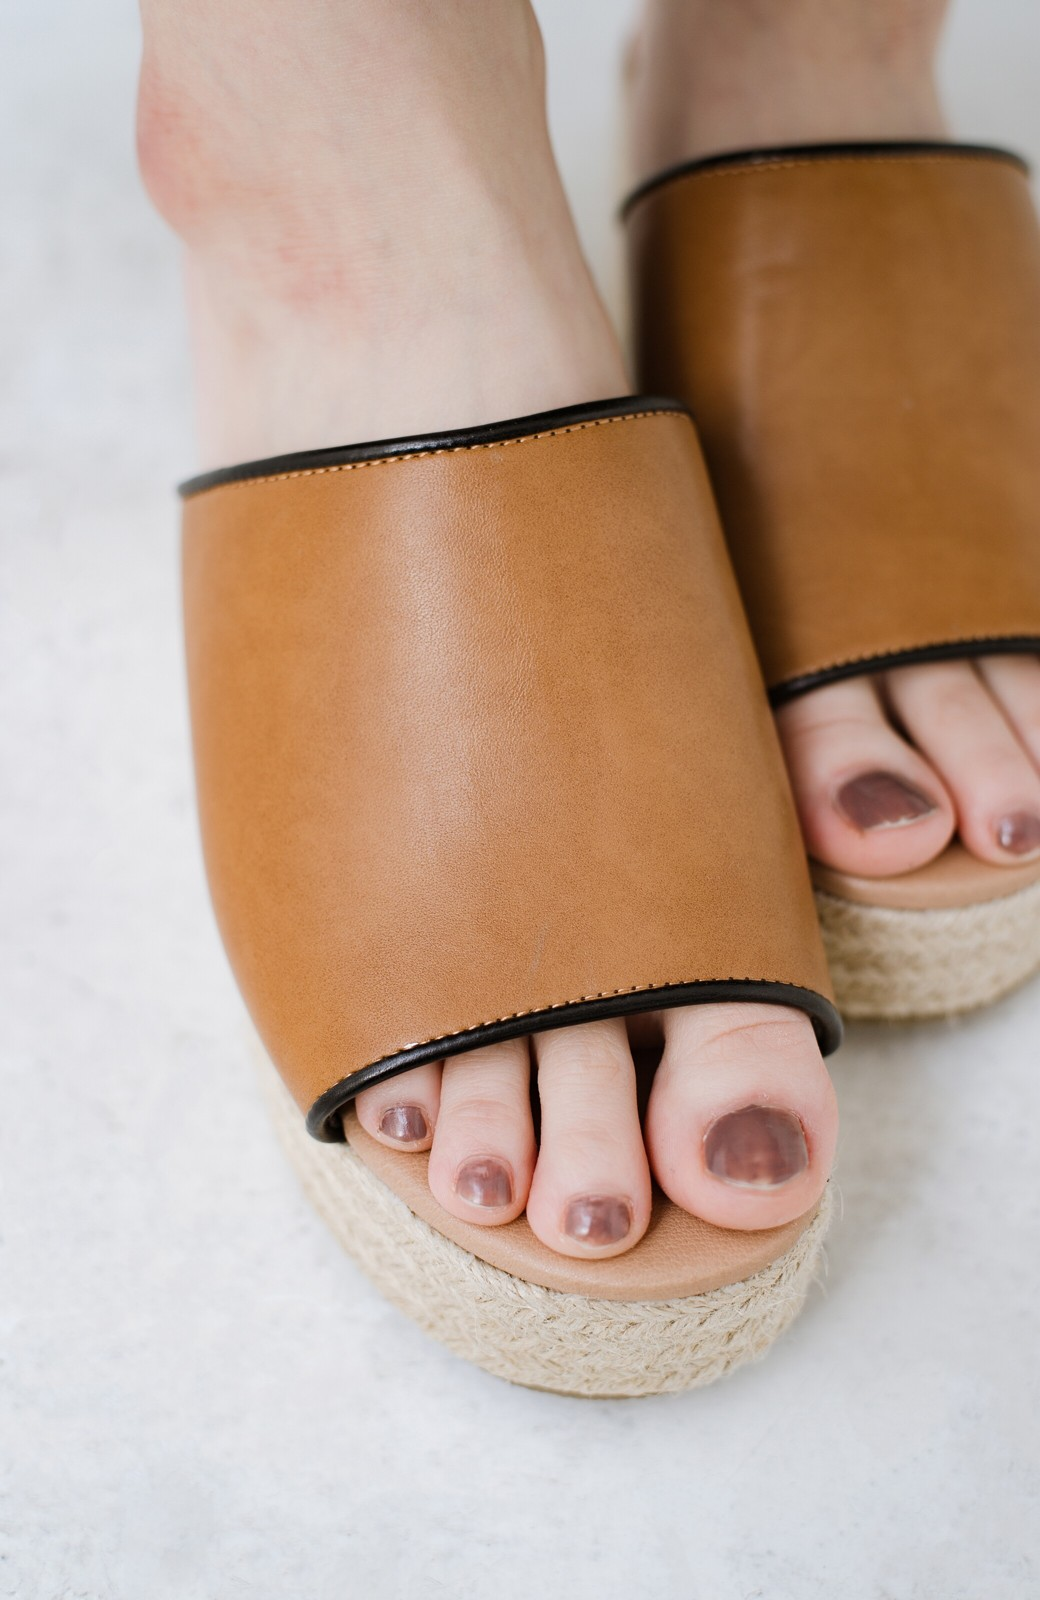 haco! 足を甘やかしながらもすっきり見せたいときに便利な バイカラーのプラットフォームサンダル <キャメル>の商品写真3